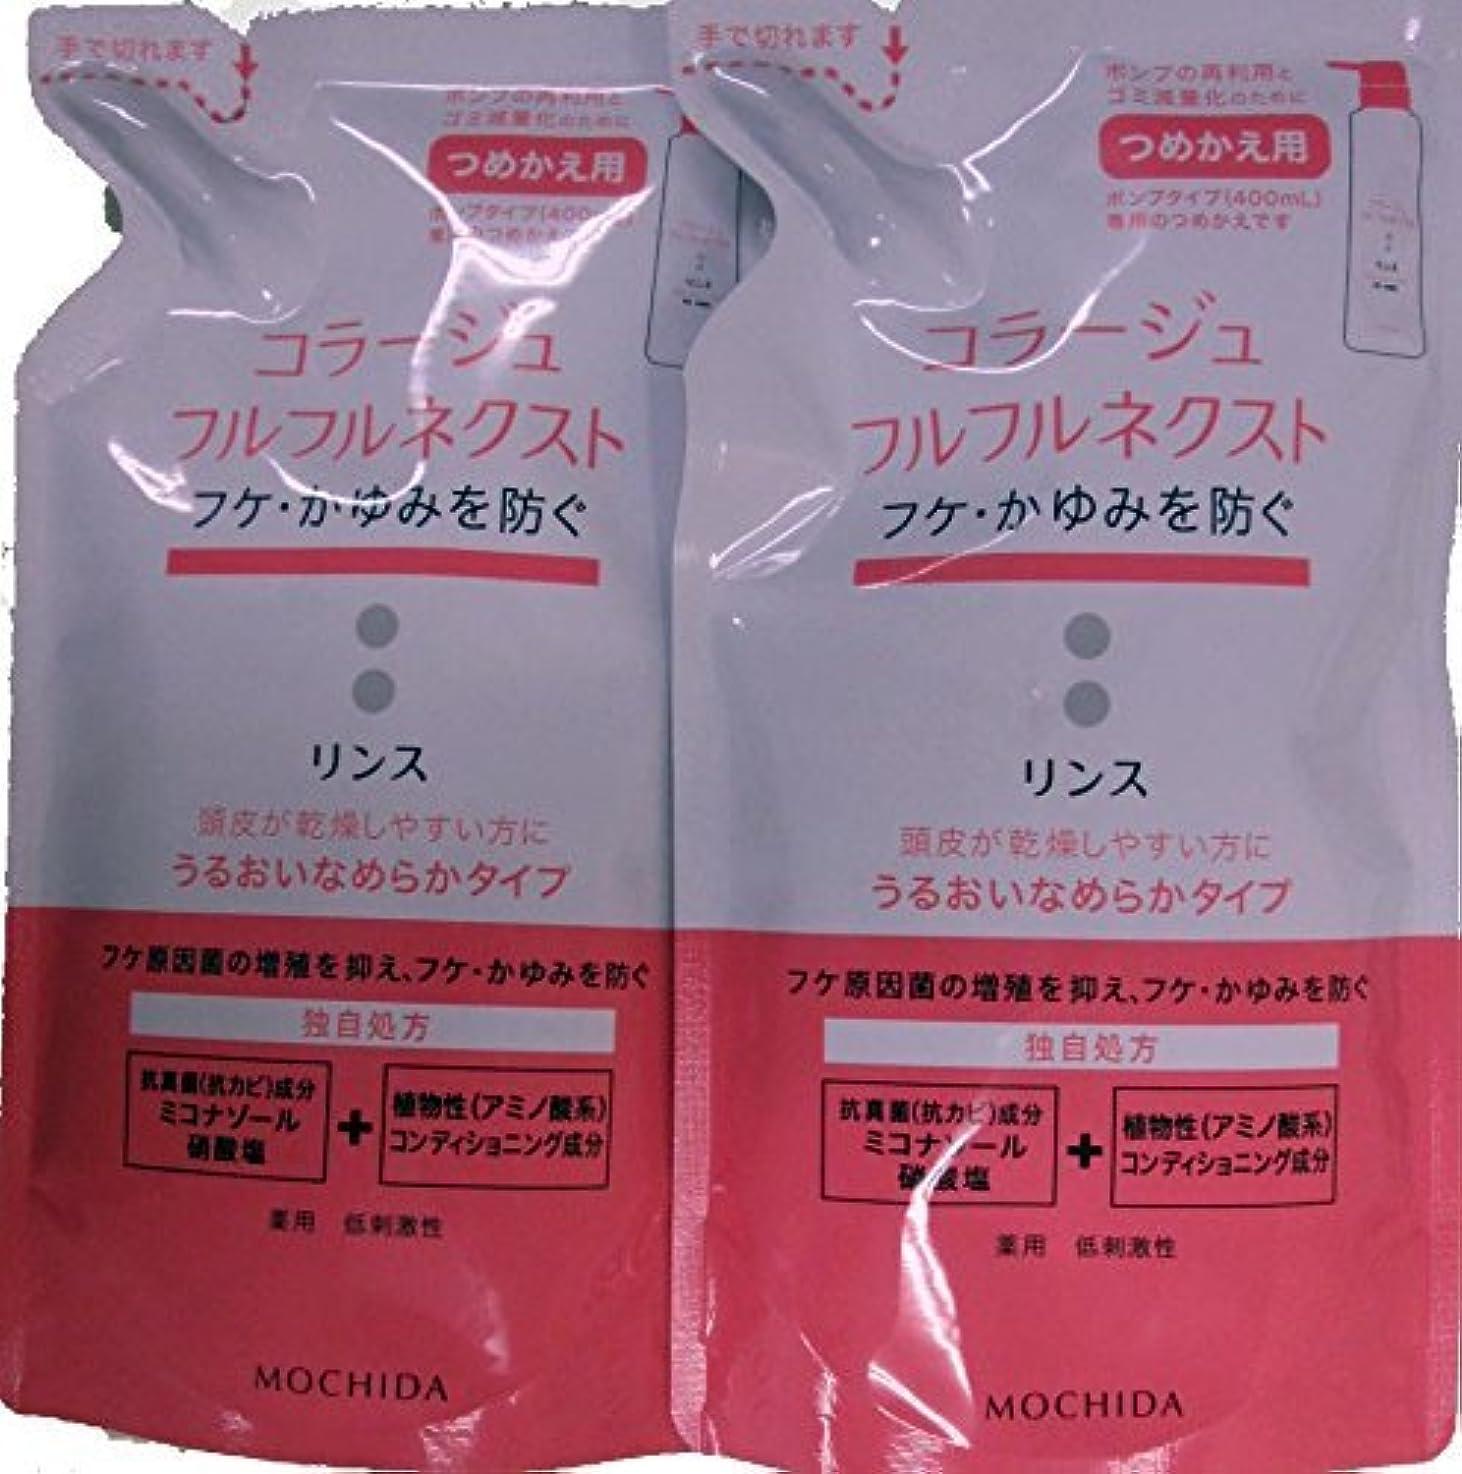 香水持続的トランクコラージュ フルフルネクスト リンス うるおいなめらかタイプ つめかえ用(280ml)×2